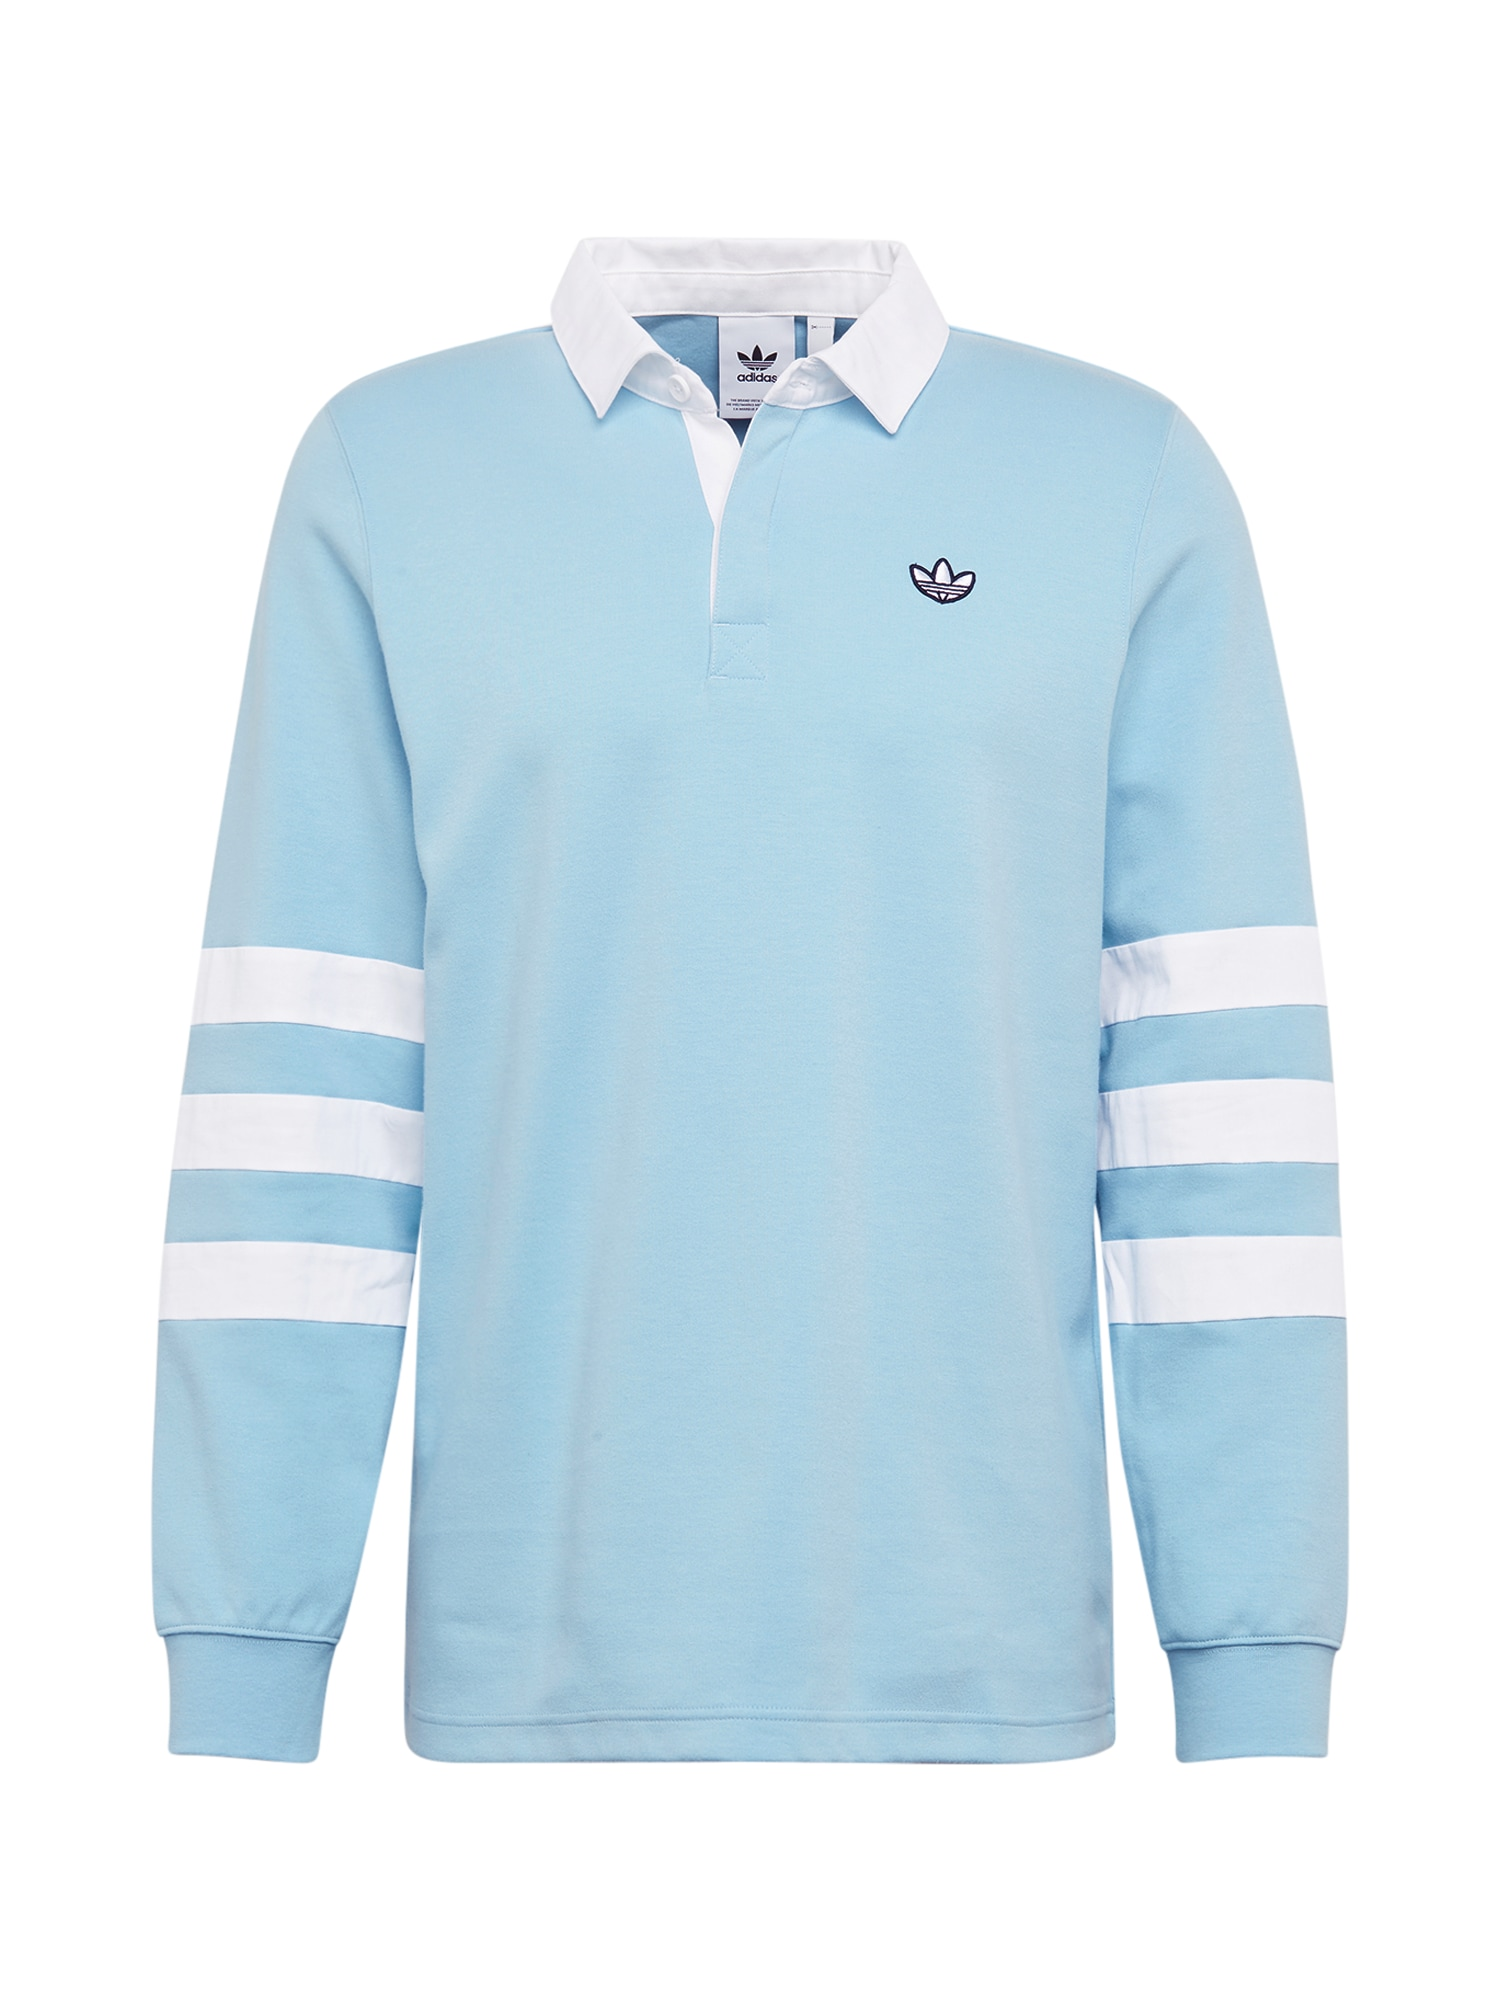 ADIDAS ORIGINALS Marškinėliai 'RUGBY' šviesiai mėlyna / balta